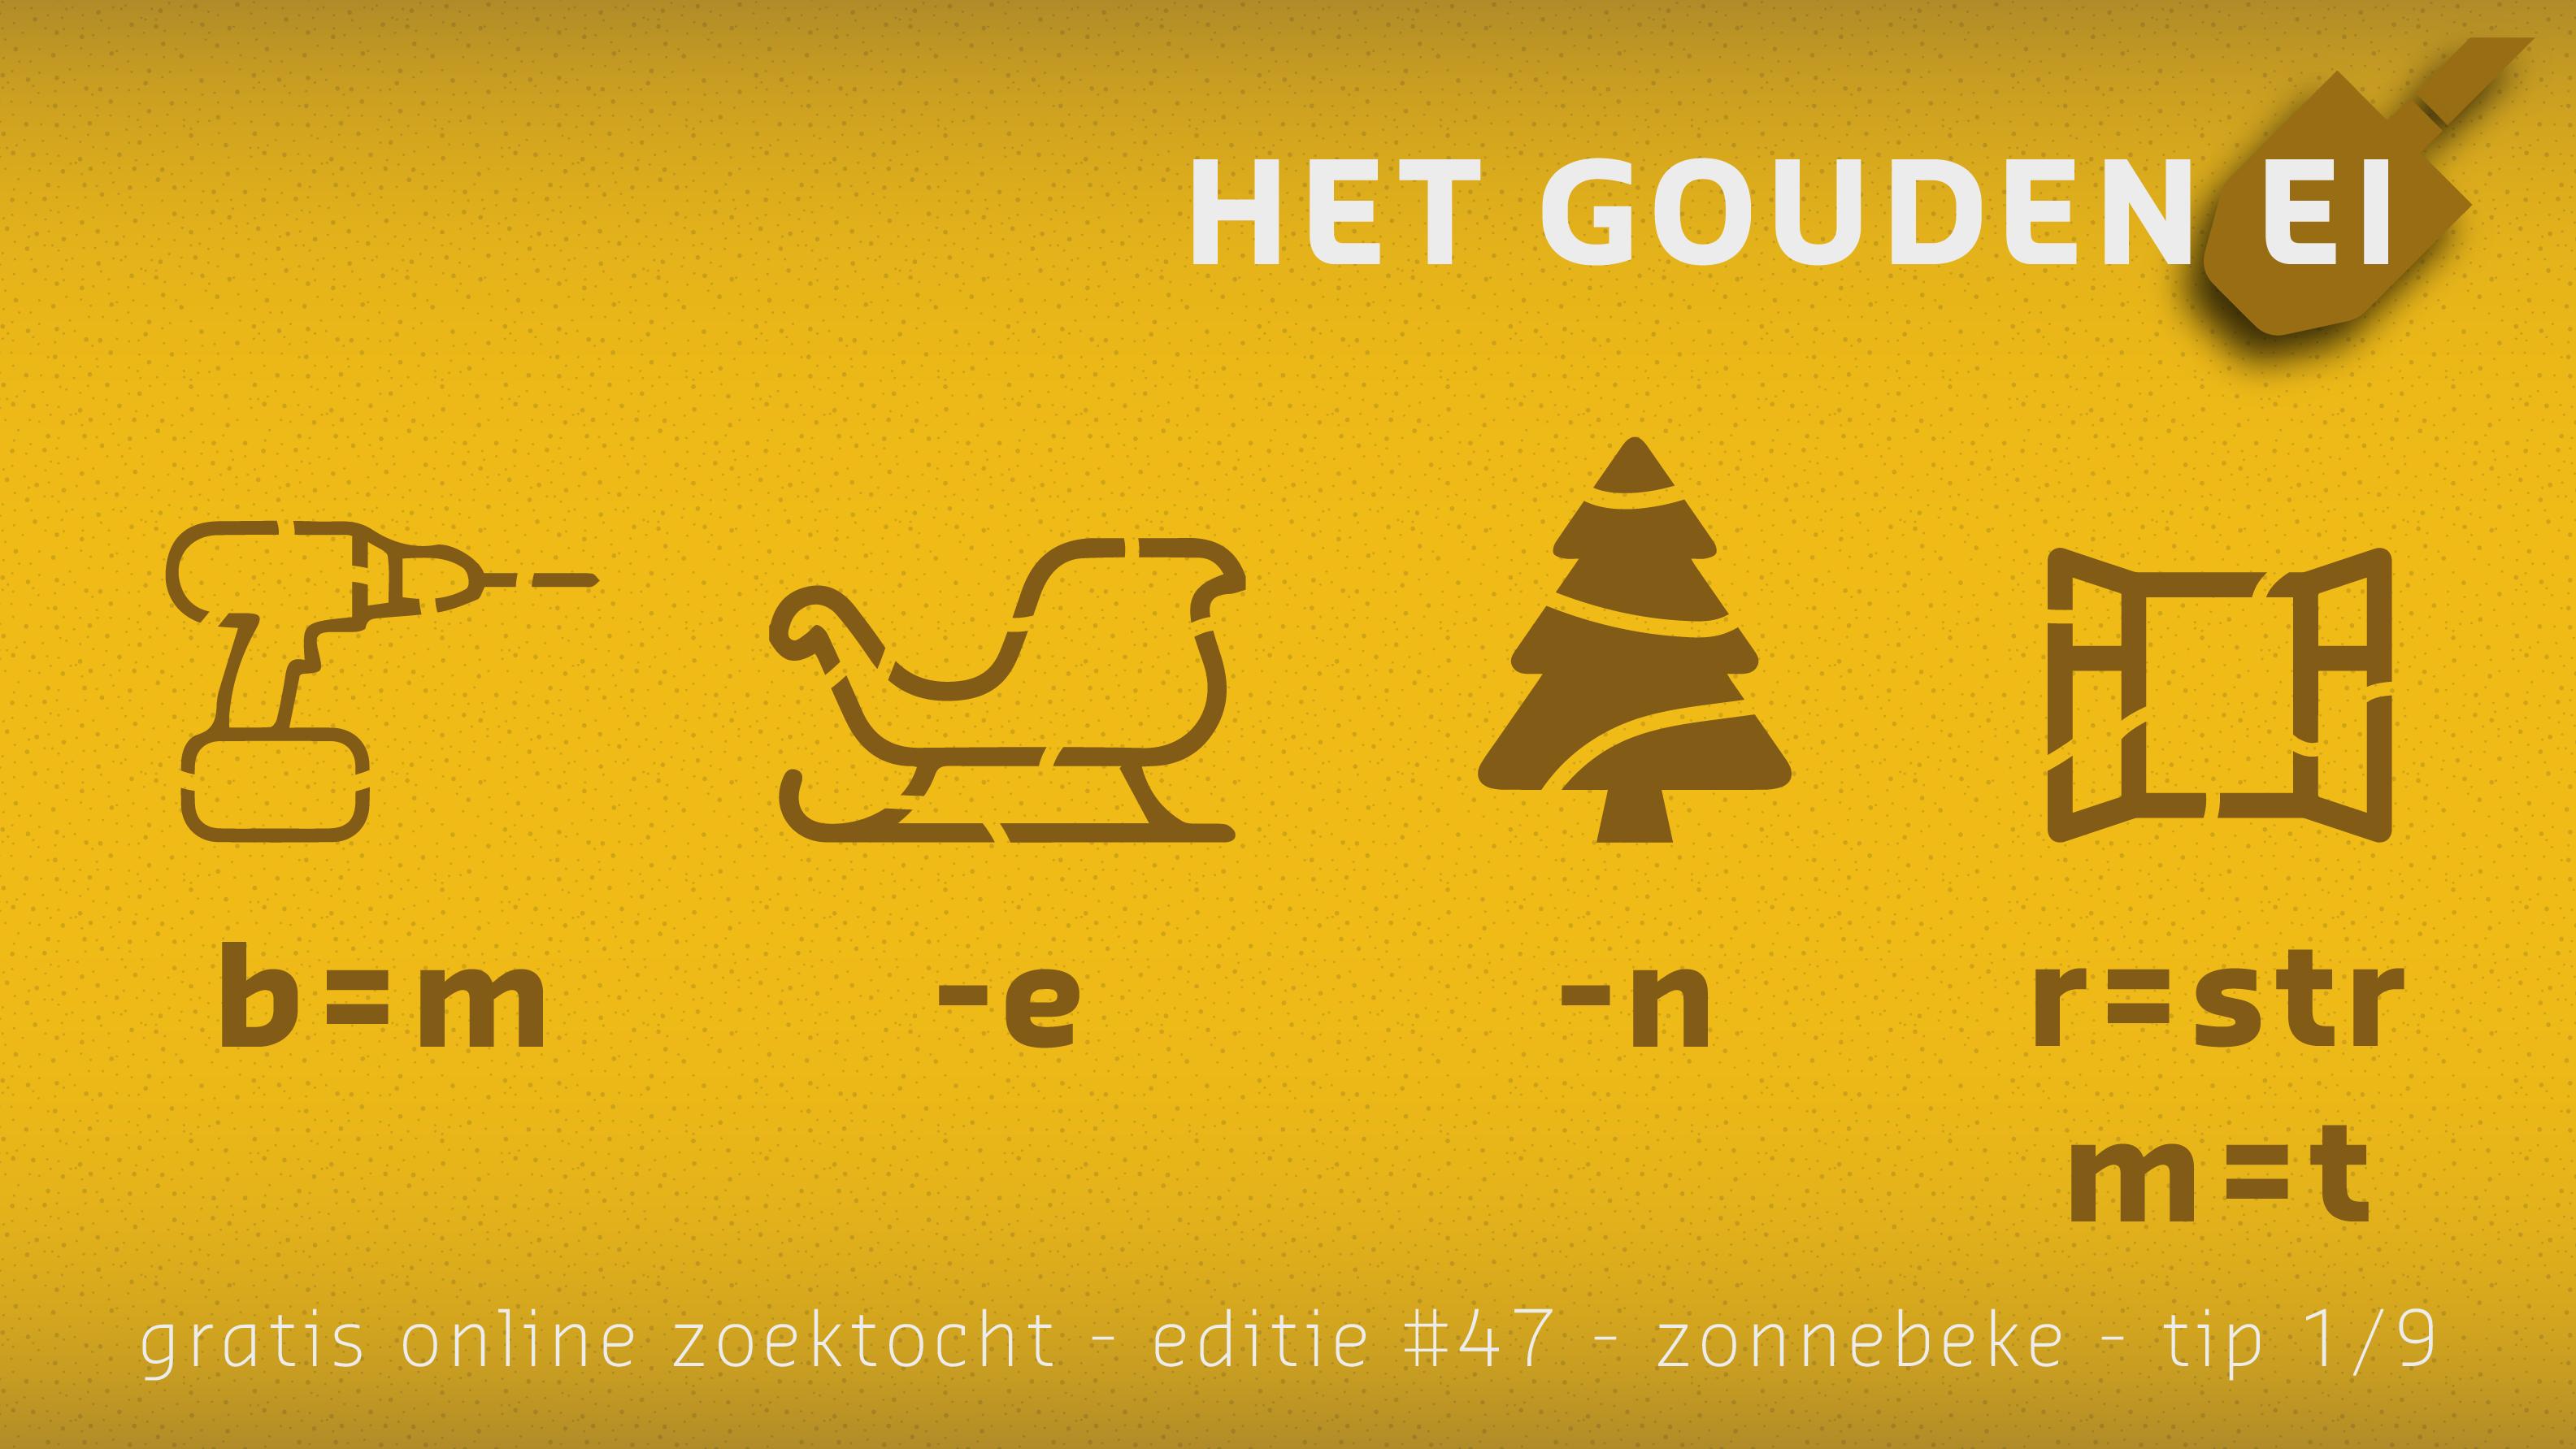 Tip 1 van Het Gouden Ei van Zonnebeke